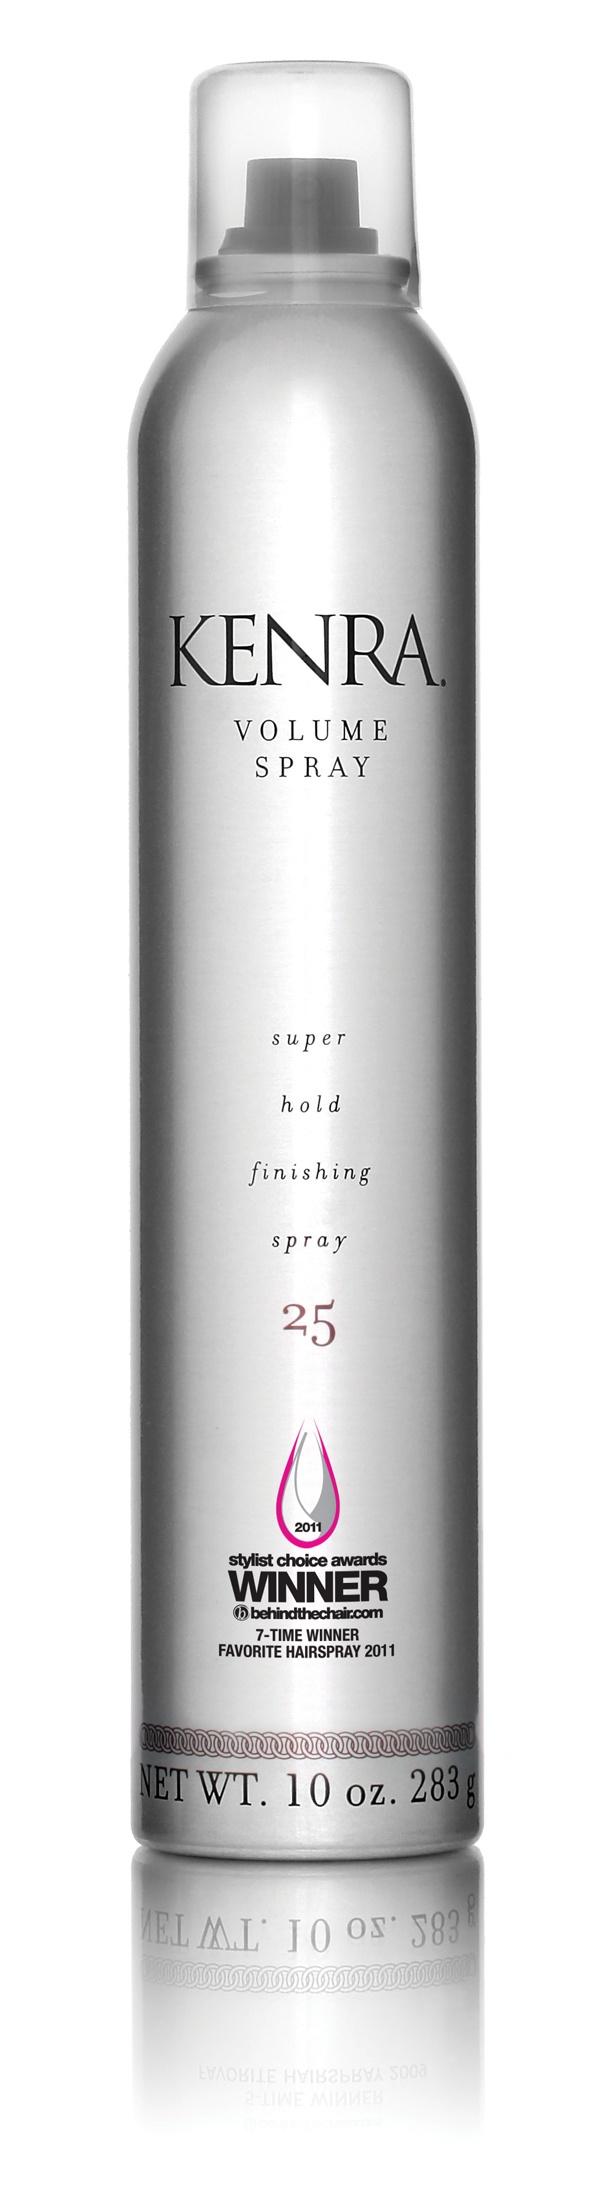 Kenra Volume Spray 25Finish Sprays, Sprays 25, Kenra Volume, Favorite Hairspray, Awards Winner, Stylists Choice, Choice Awards, Volume Sprays, Beautiful Products